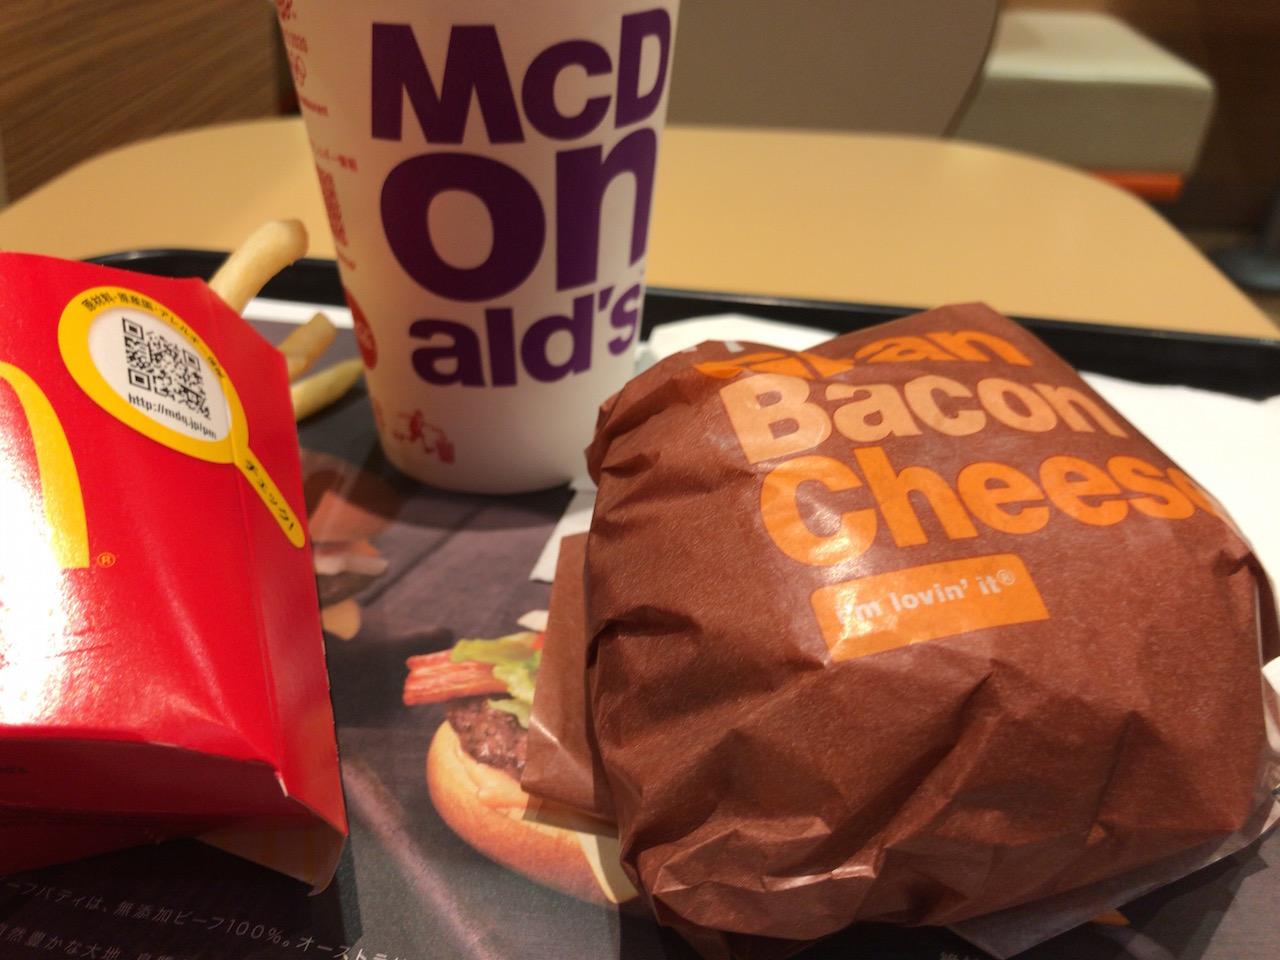 マクドナルドの新定番商品「グラン」シリーズのグランベーコンチーズを食べてみた